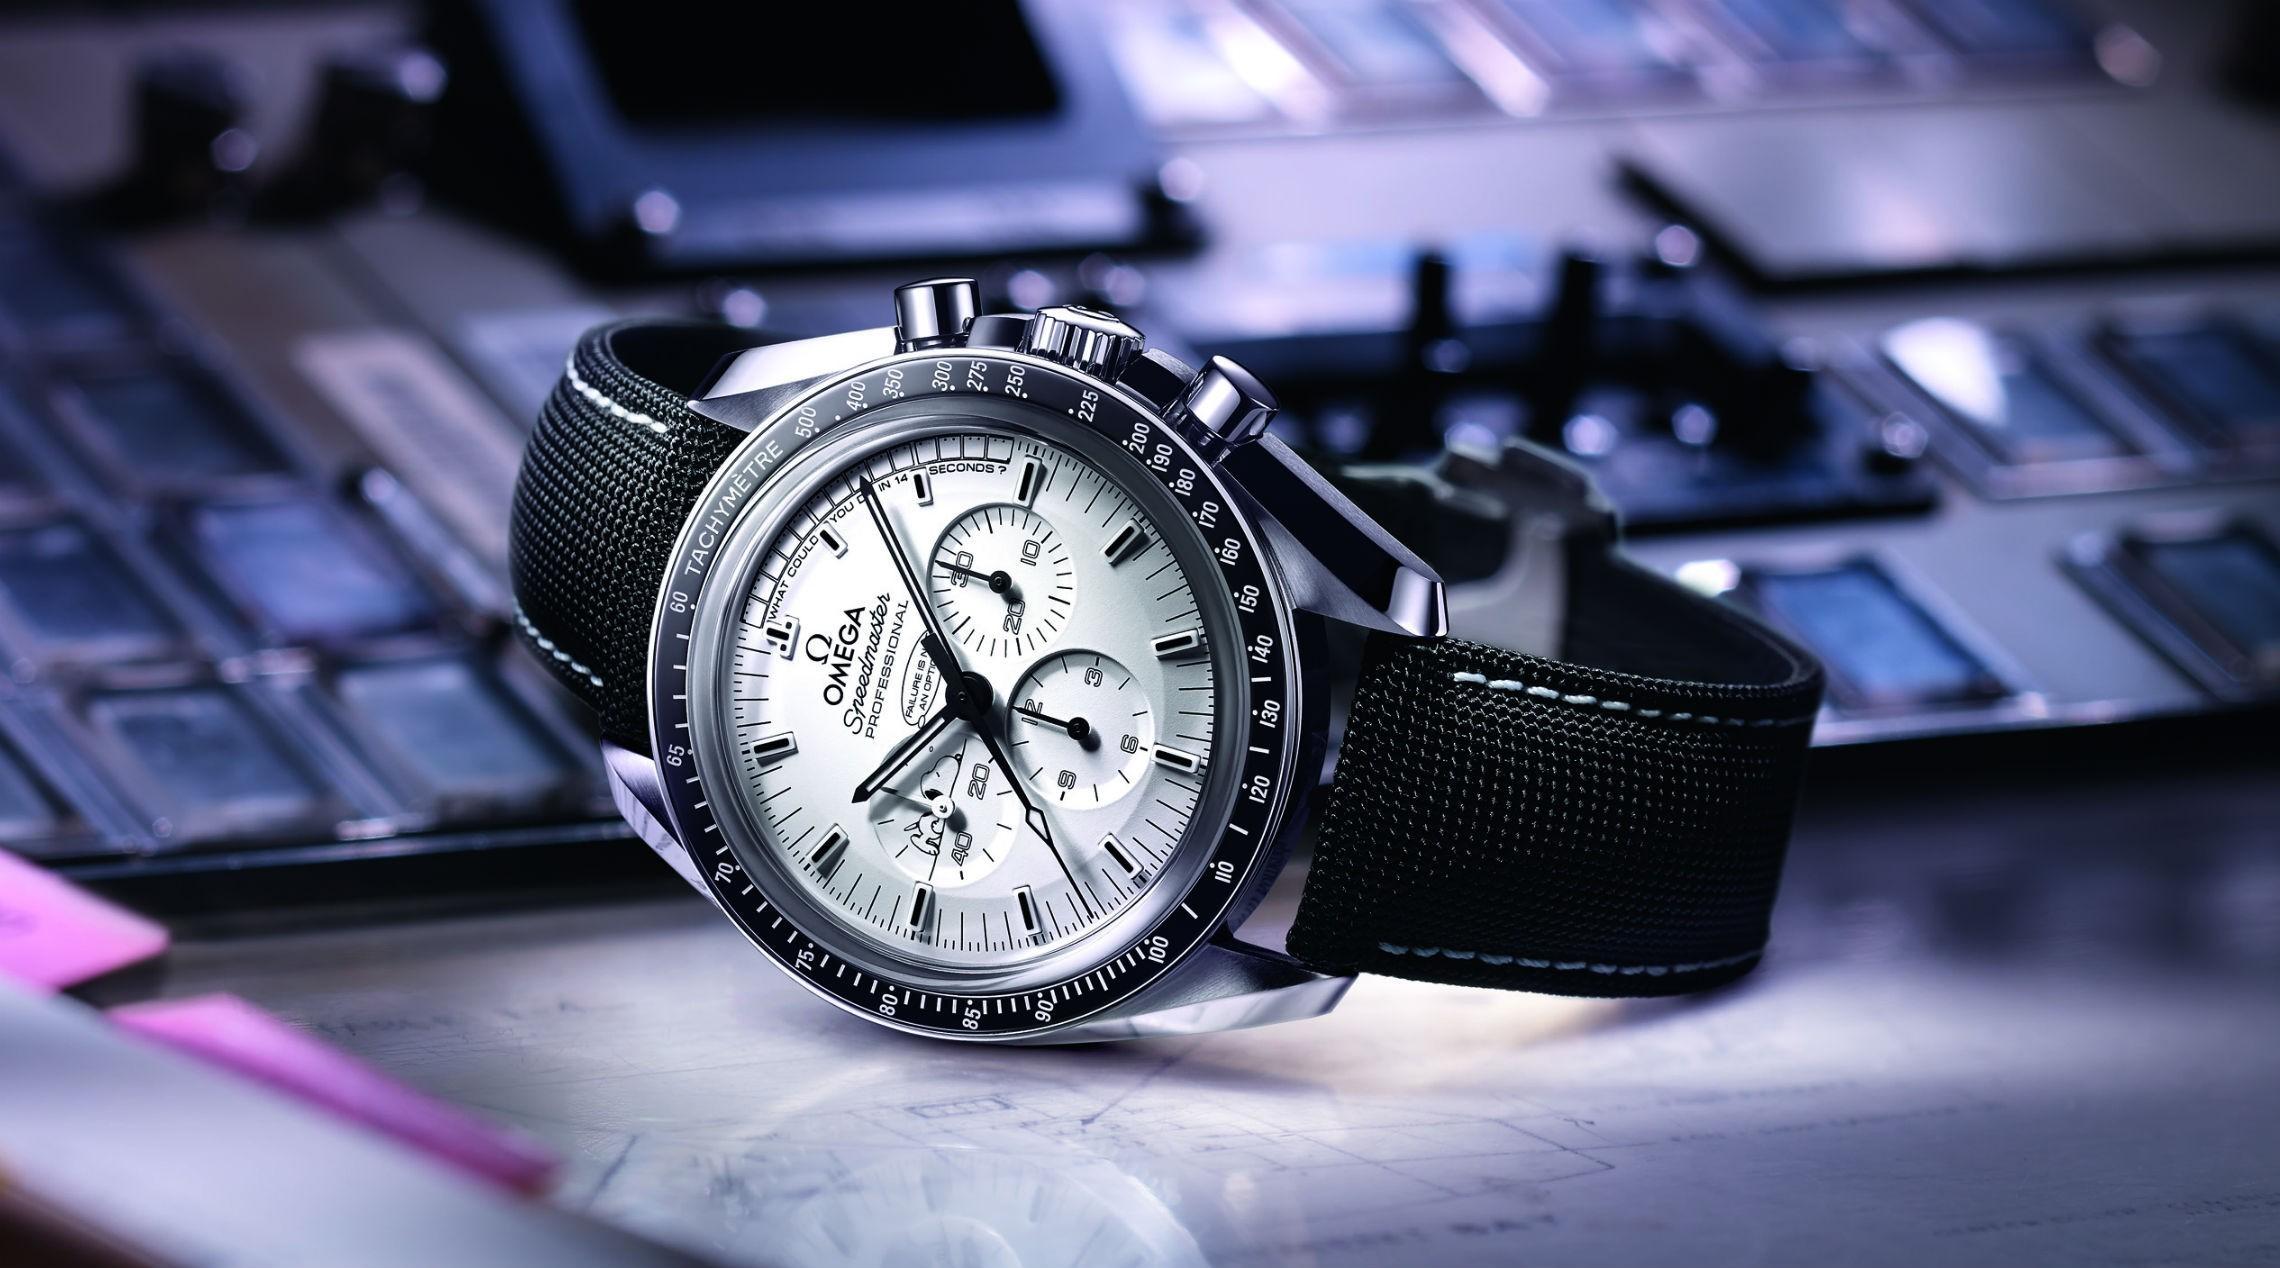 欧米茄二手手表回收价格?大概多少钱?